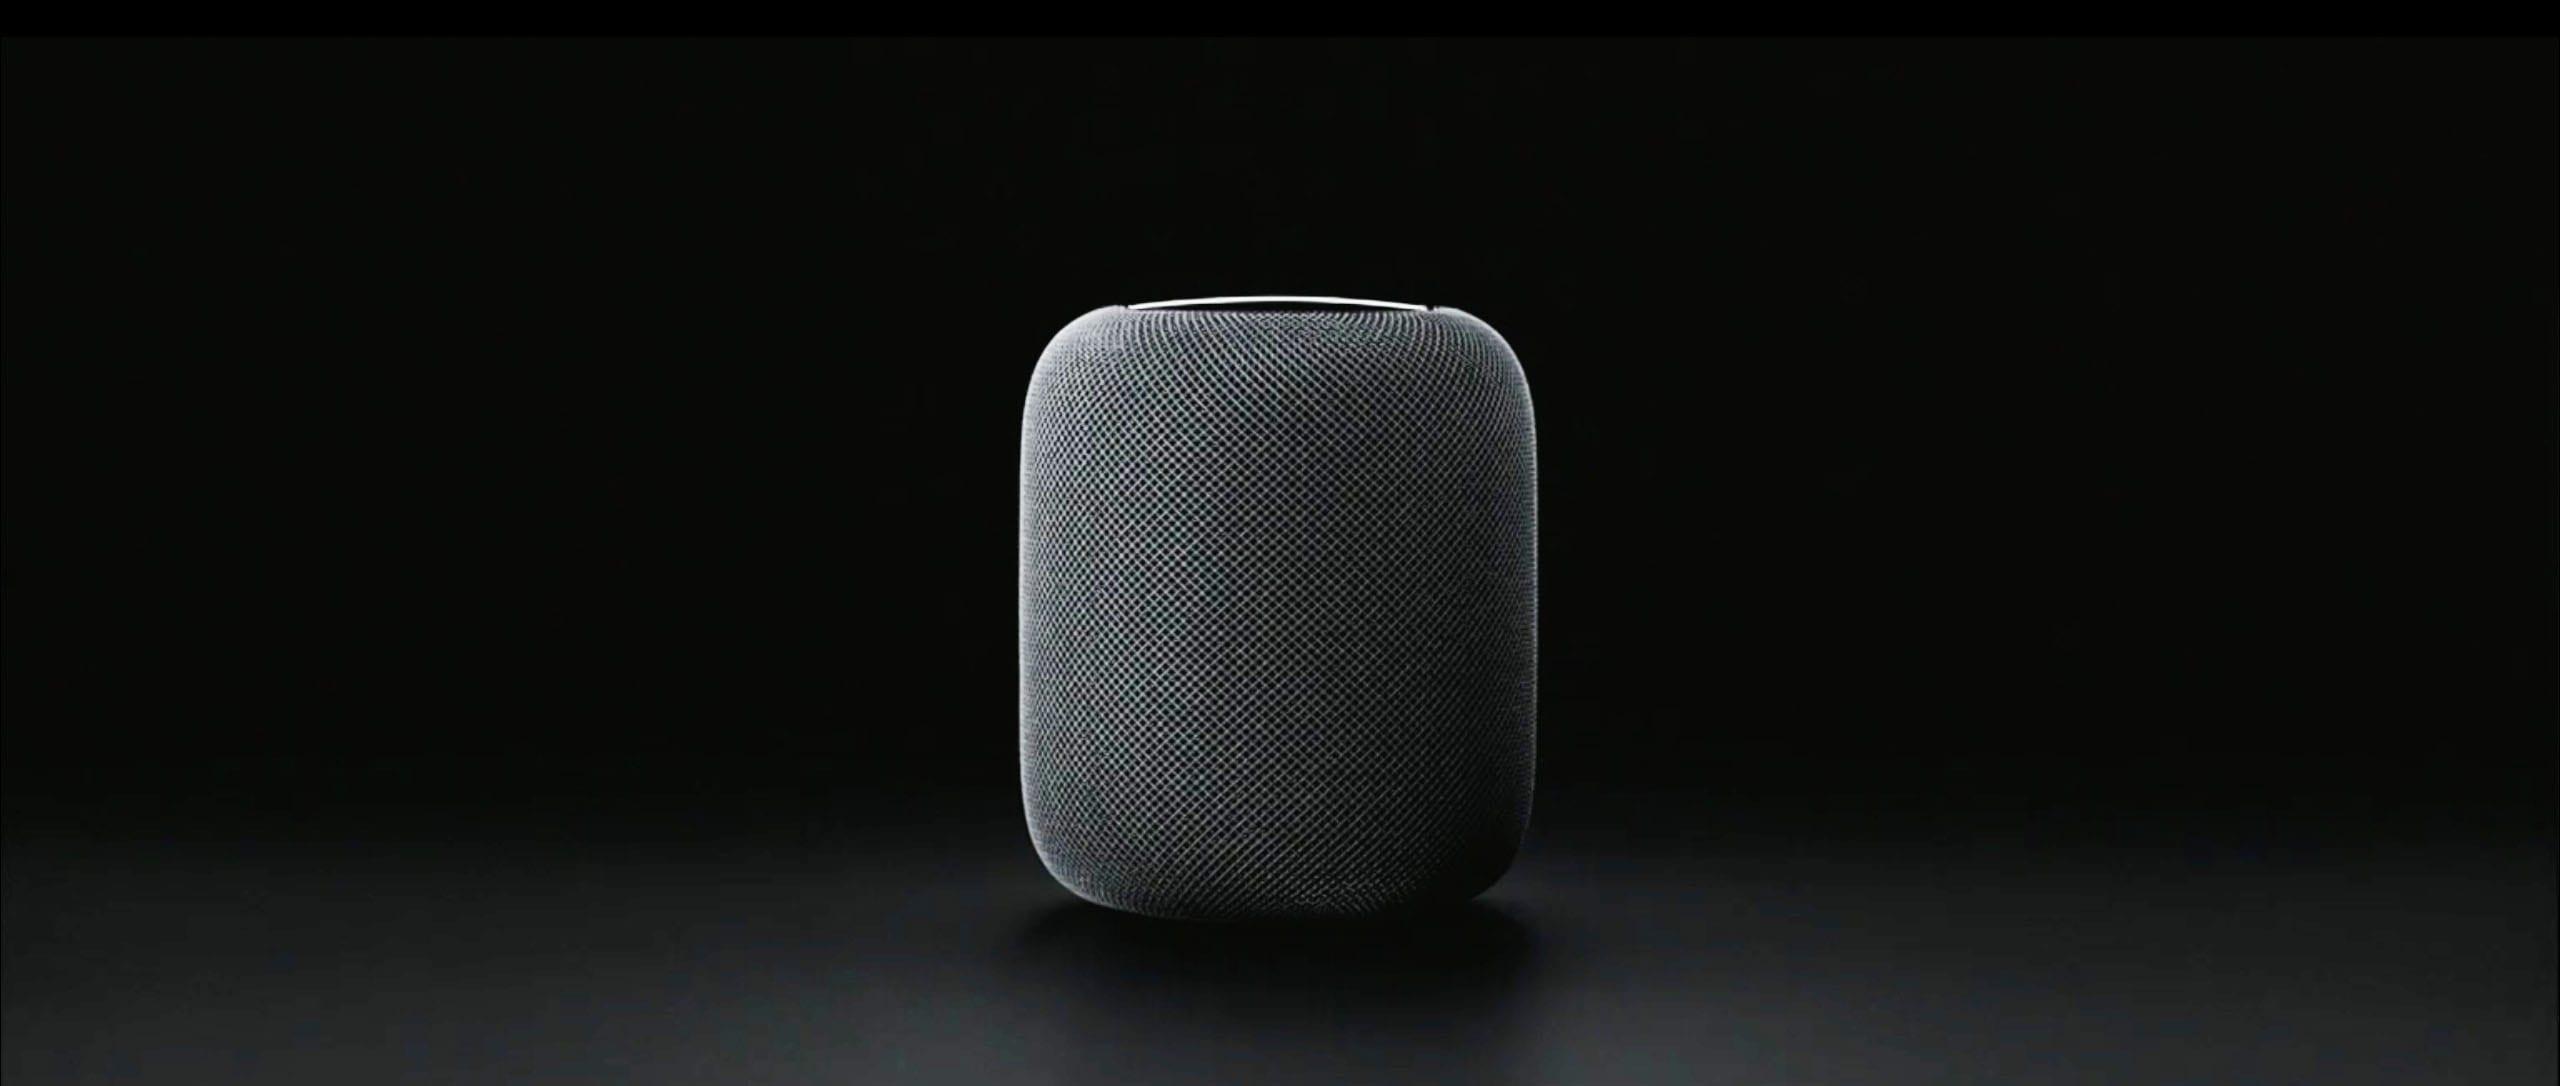 Бытовой робот от Apple начнет продаваться уже в конце года